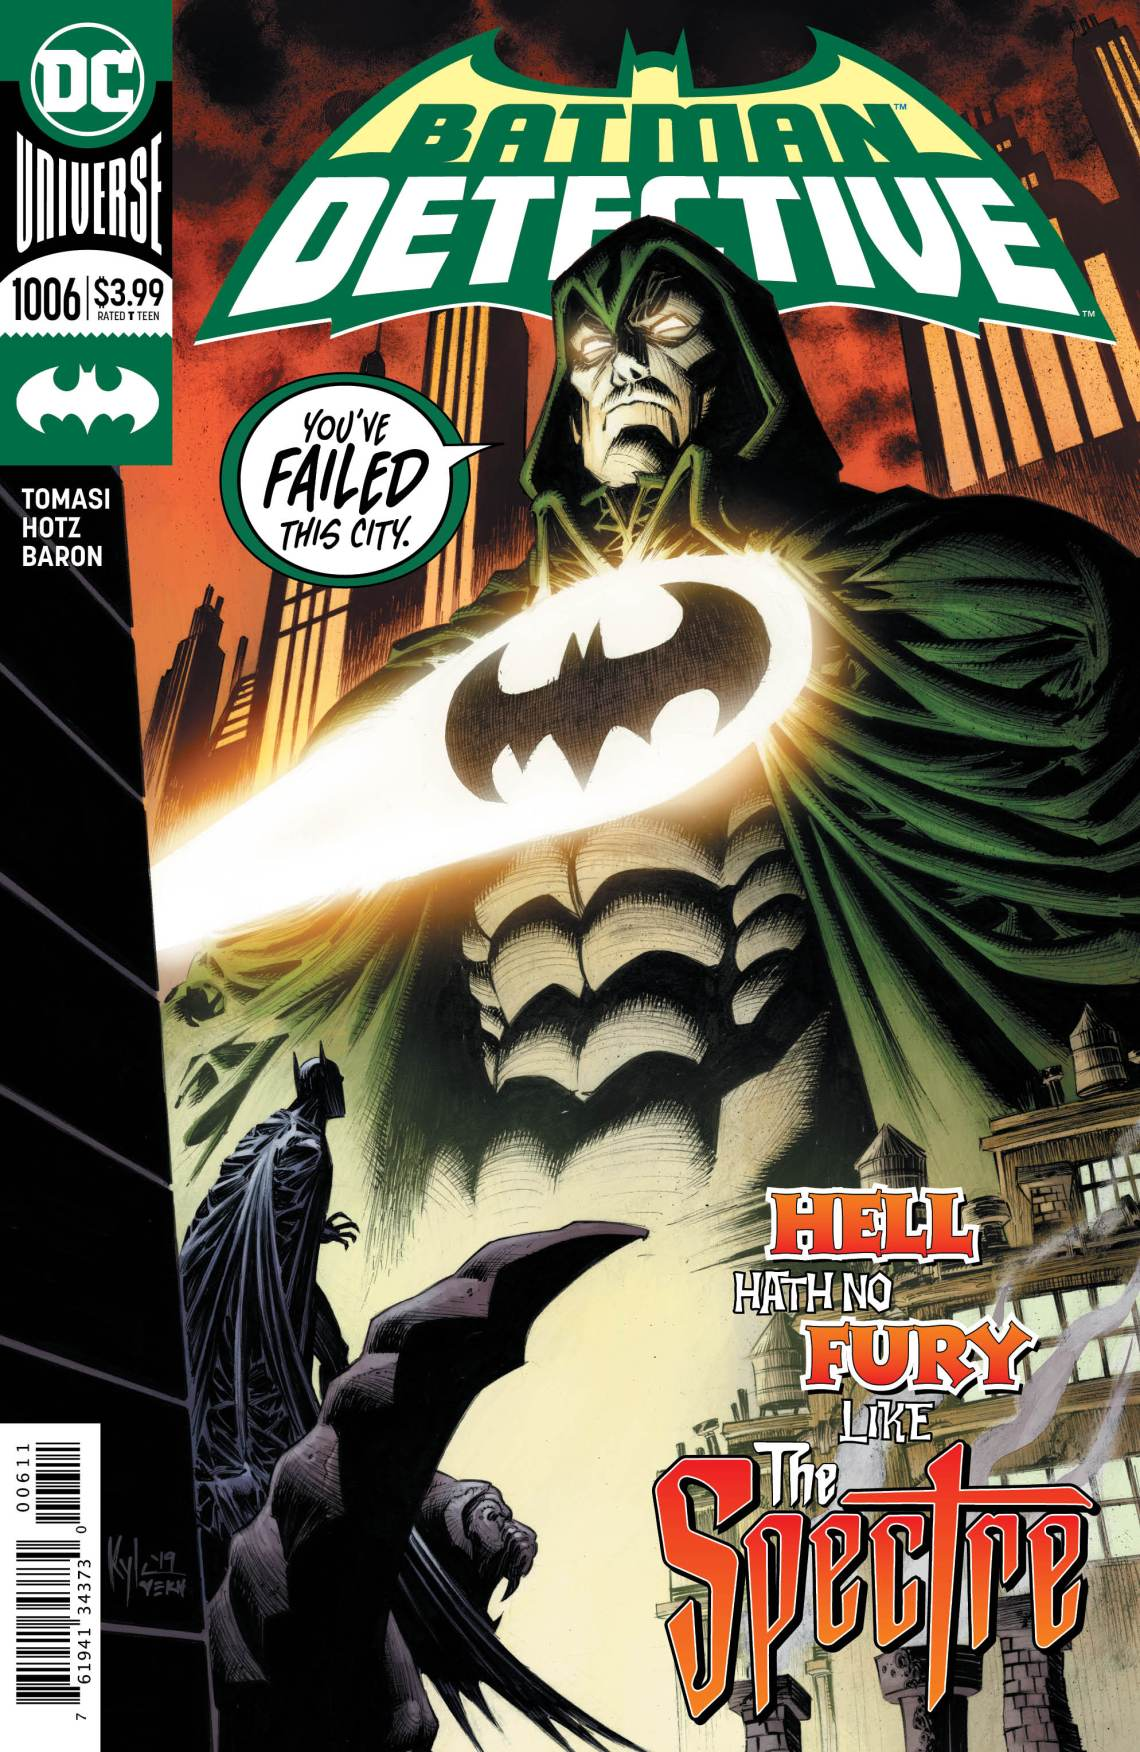 Detective Comics #1006